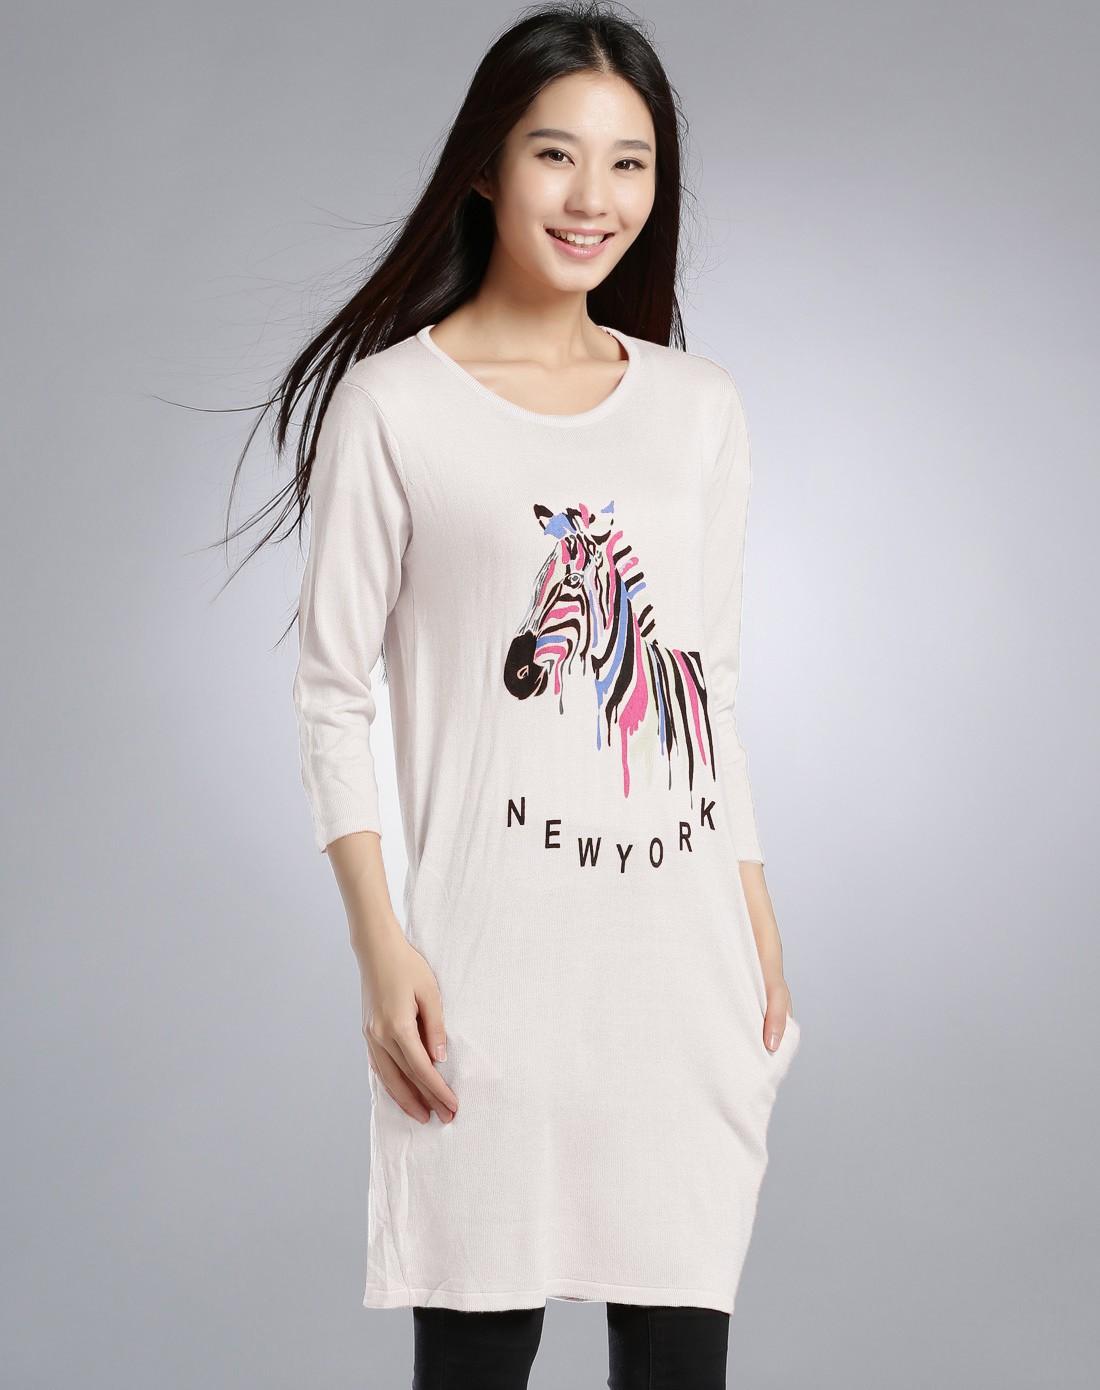 白色可爱图案优雅上衣